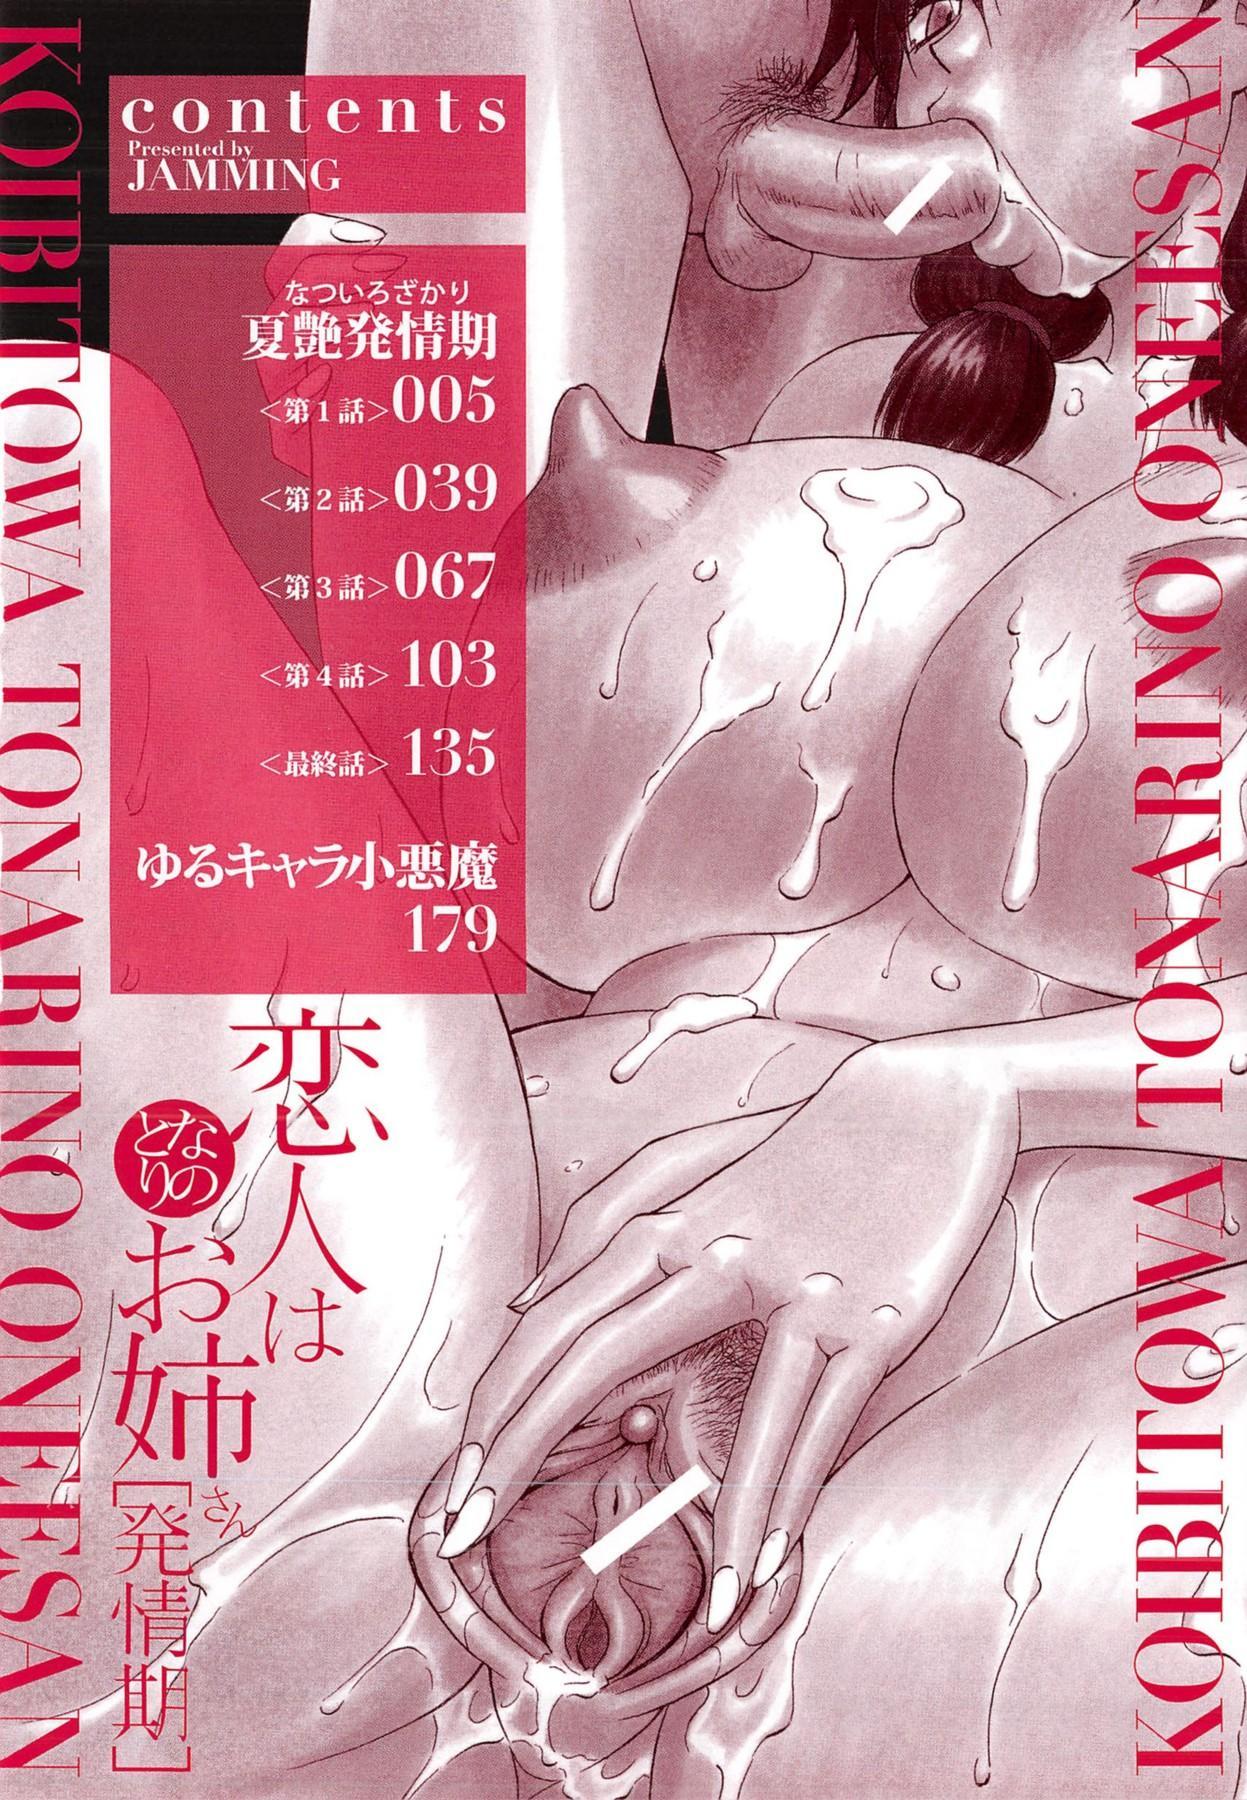 [Jamming] Koibito ha Tonari no Oneesan (Hatsujyouki) | My Lover is the Girl Next Door [English] {Tadanohito} 5